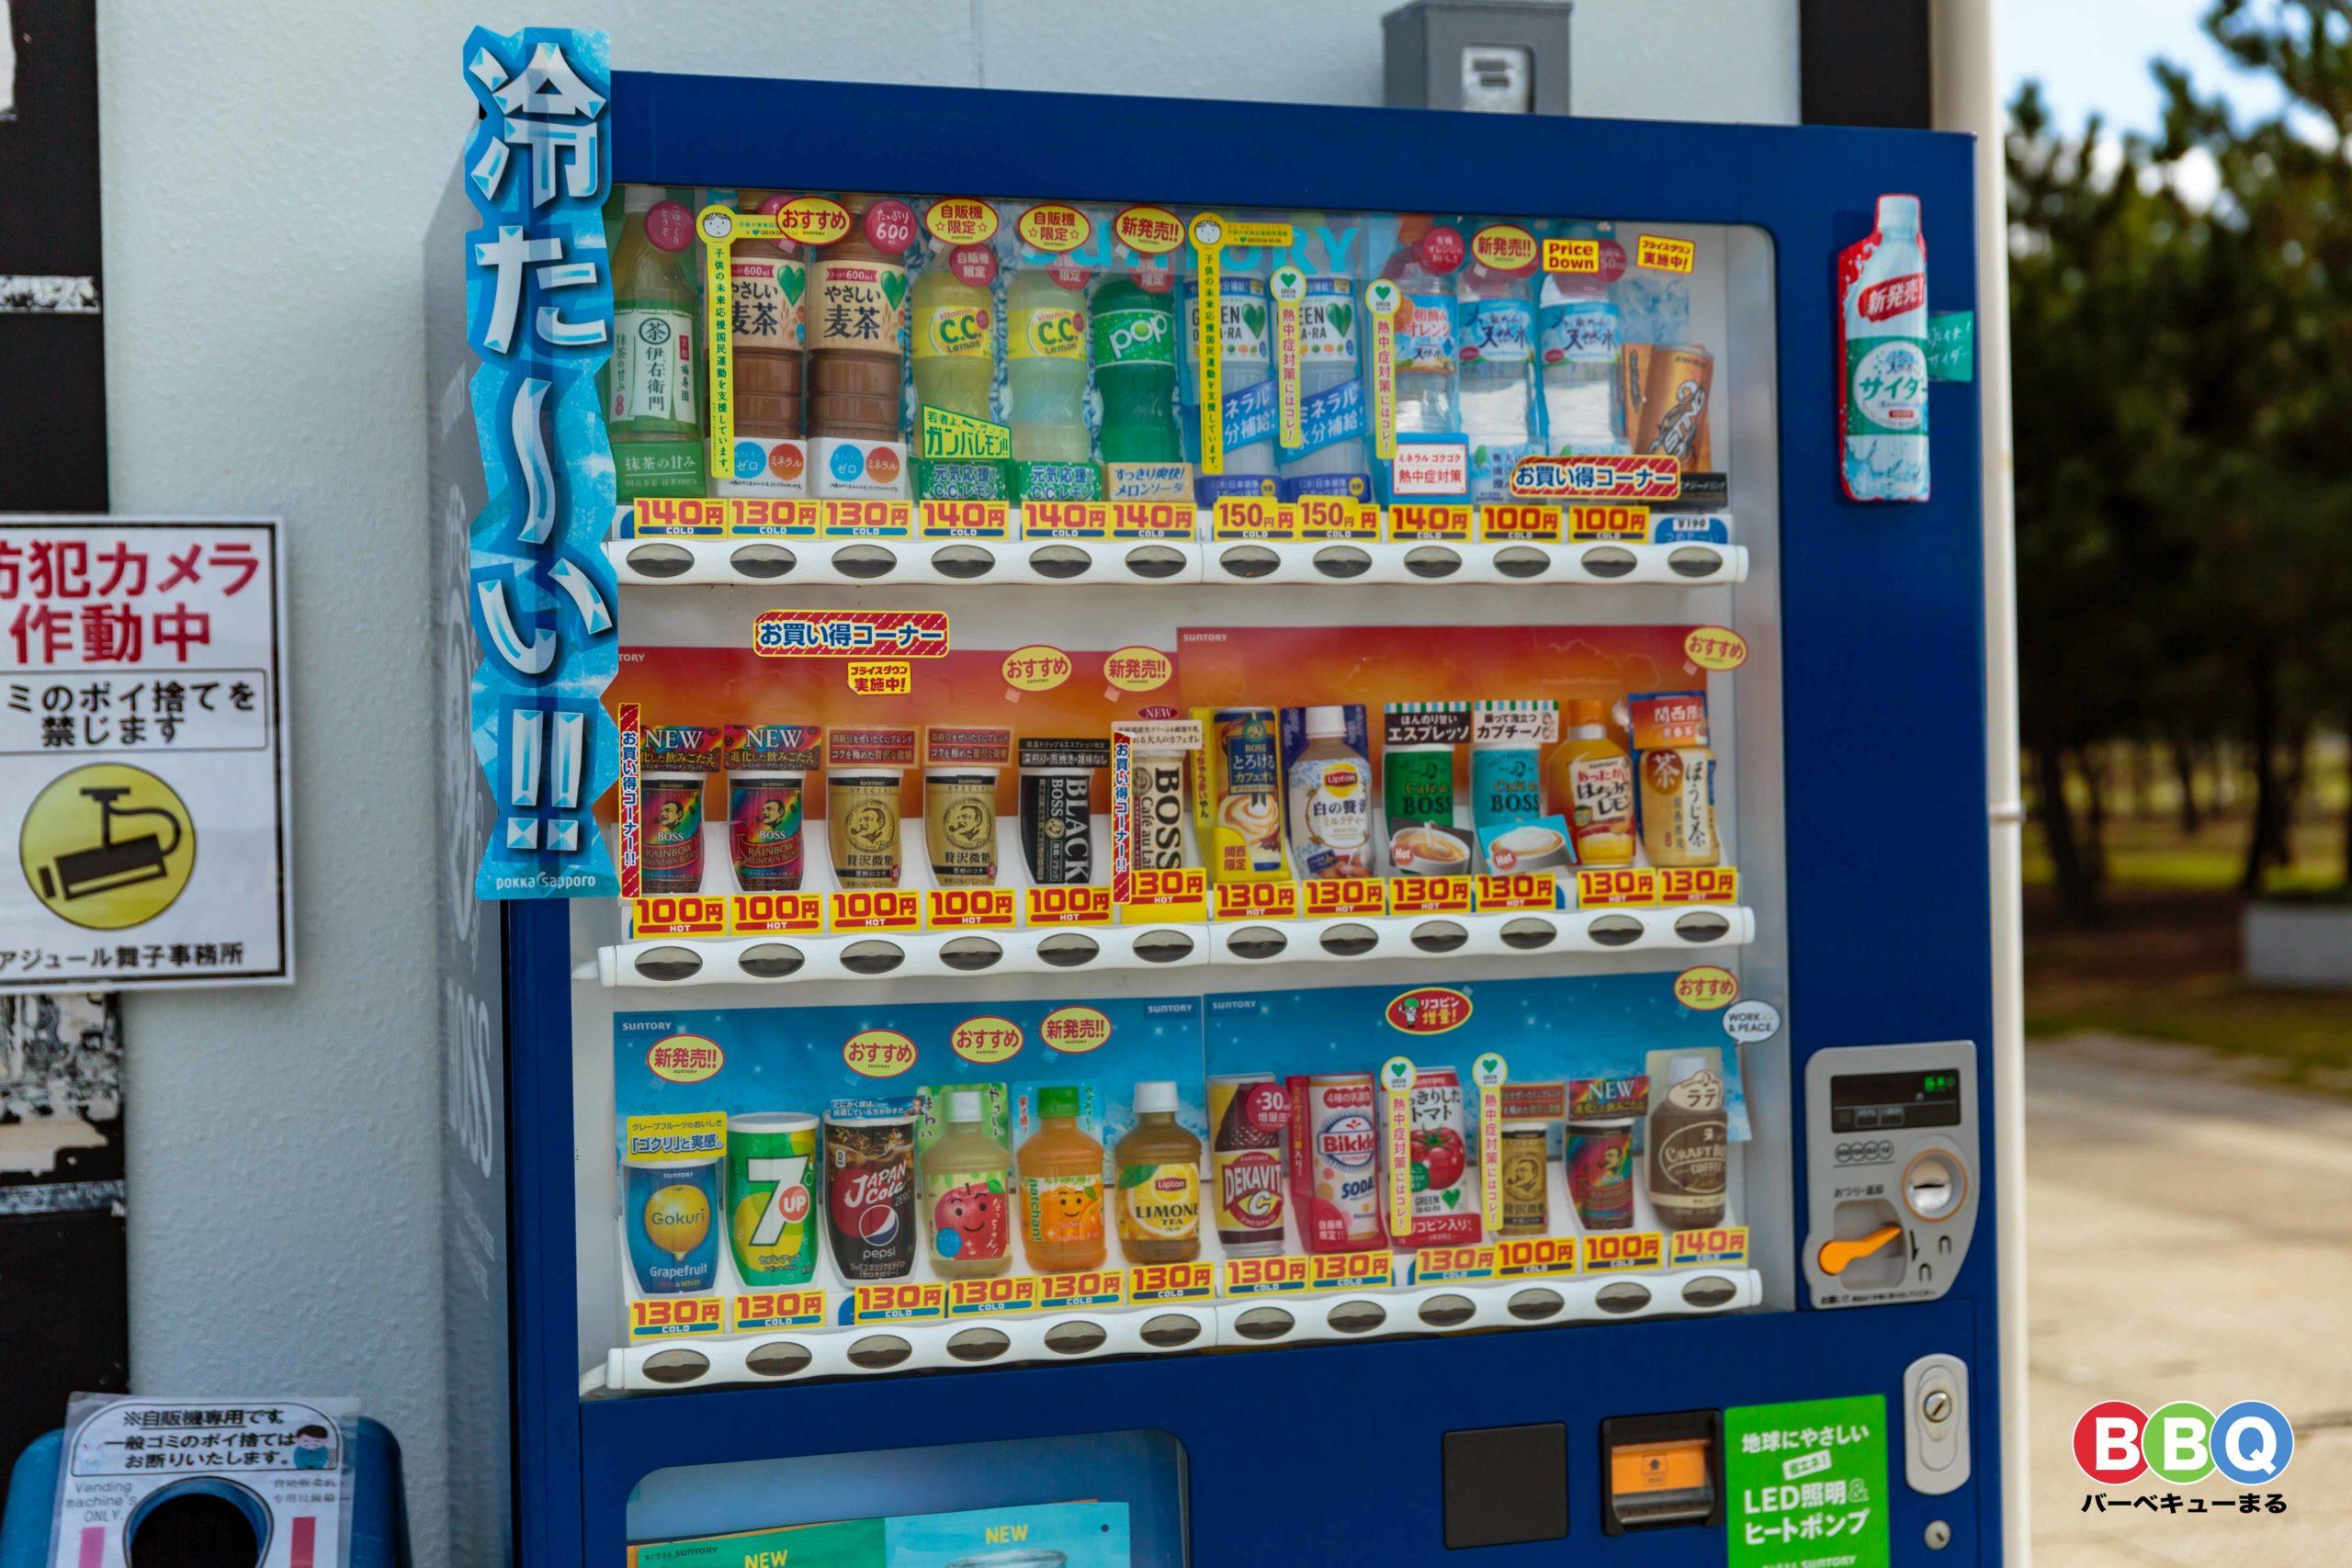 アジュール舞子の自動販売機